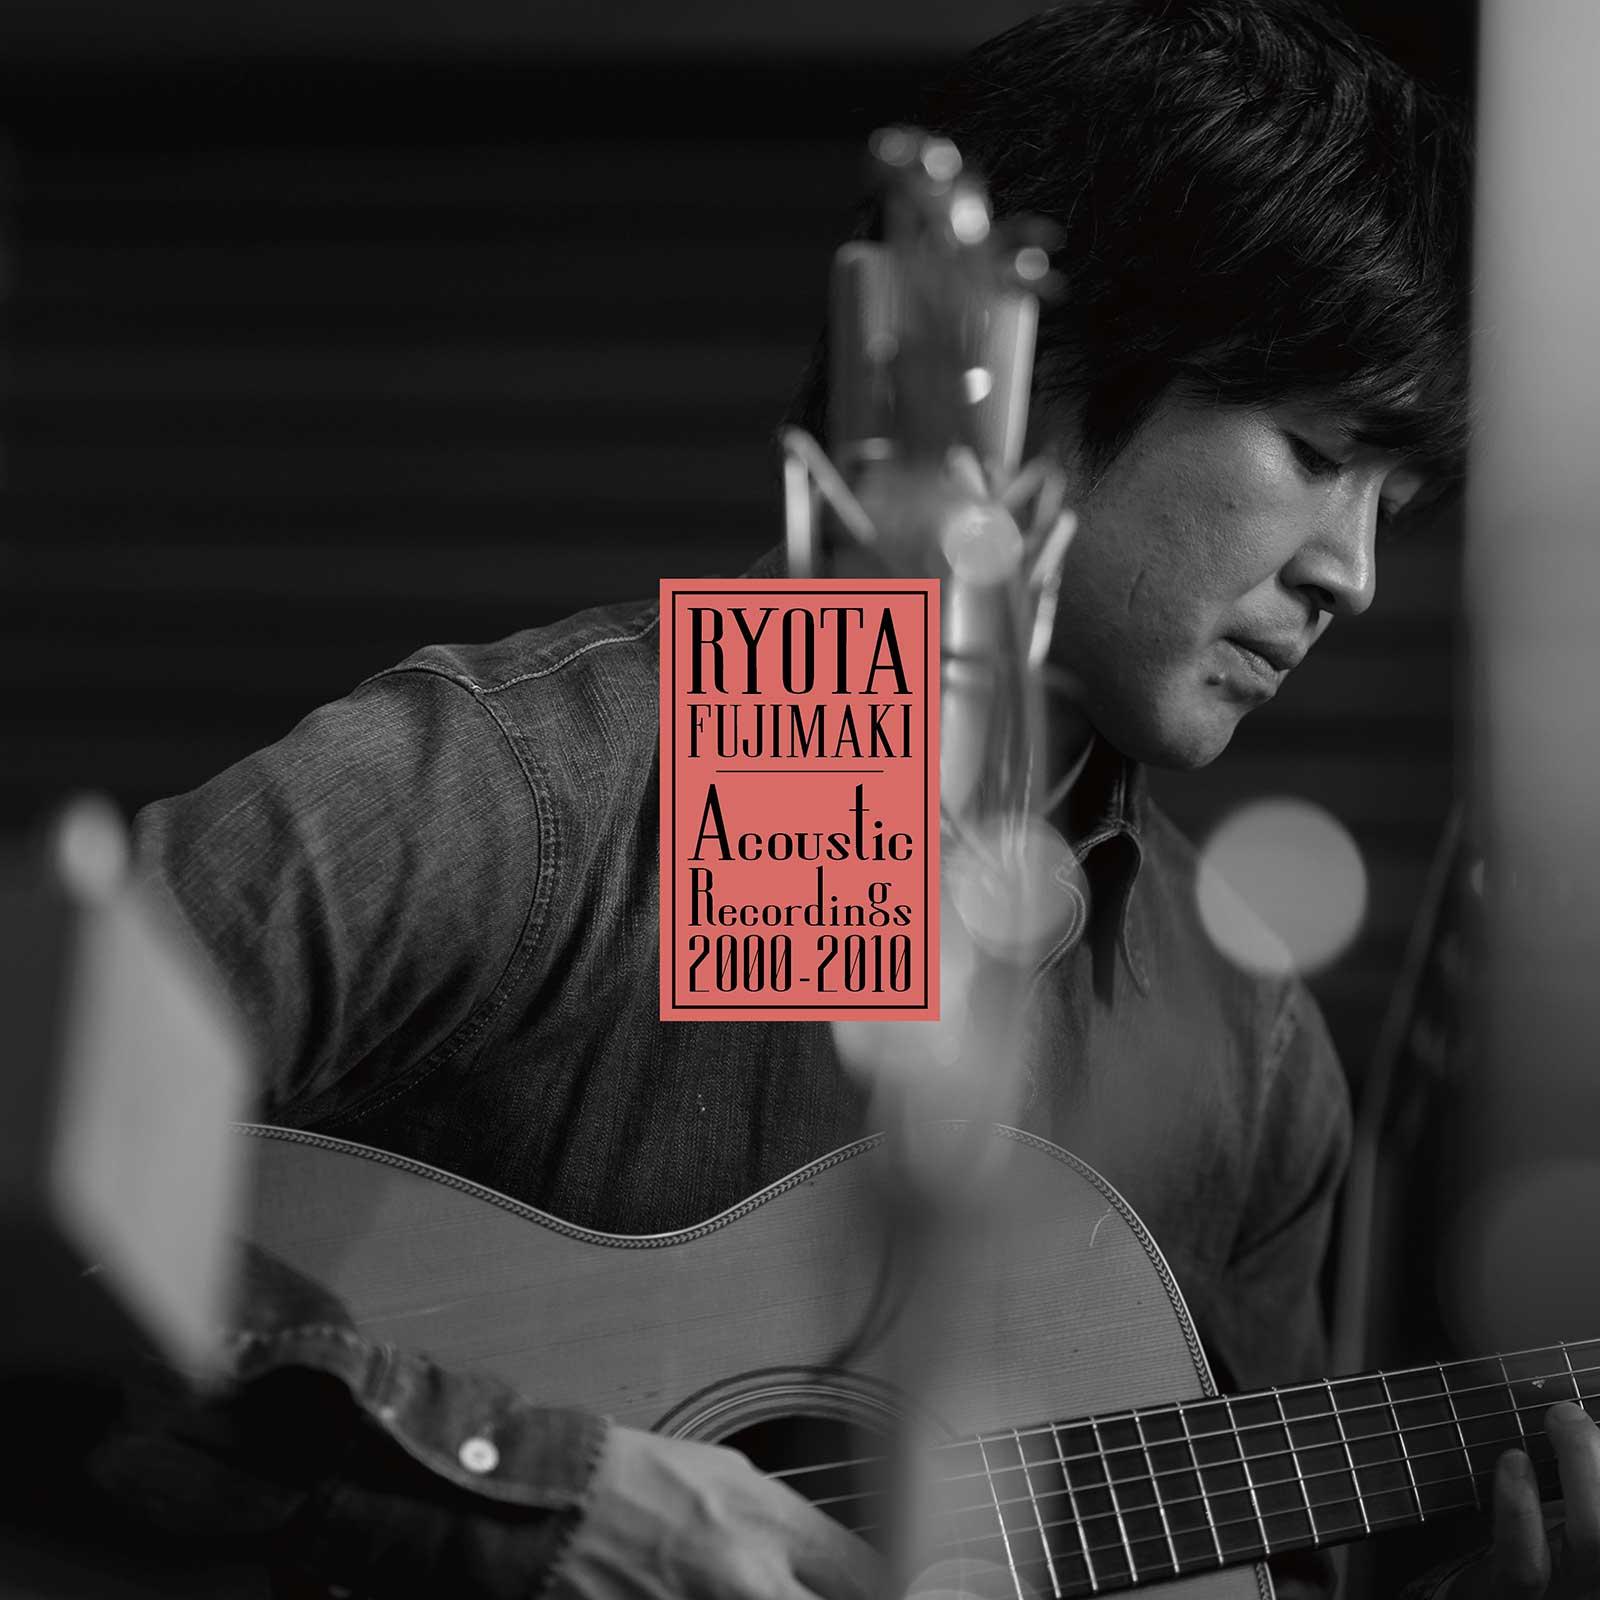 藤巻亮太、レミオロメン時代の曲をアコースティックアレンジしたアルバムをリリースサムネイル画像